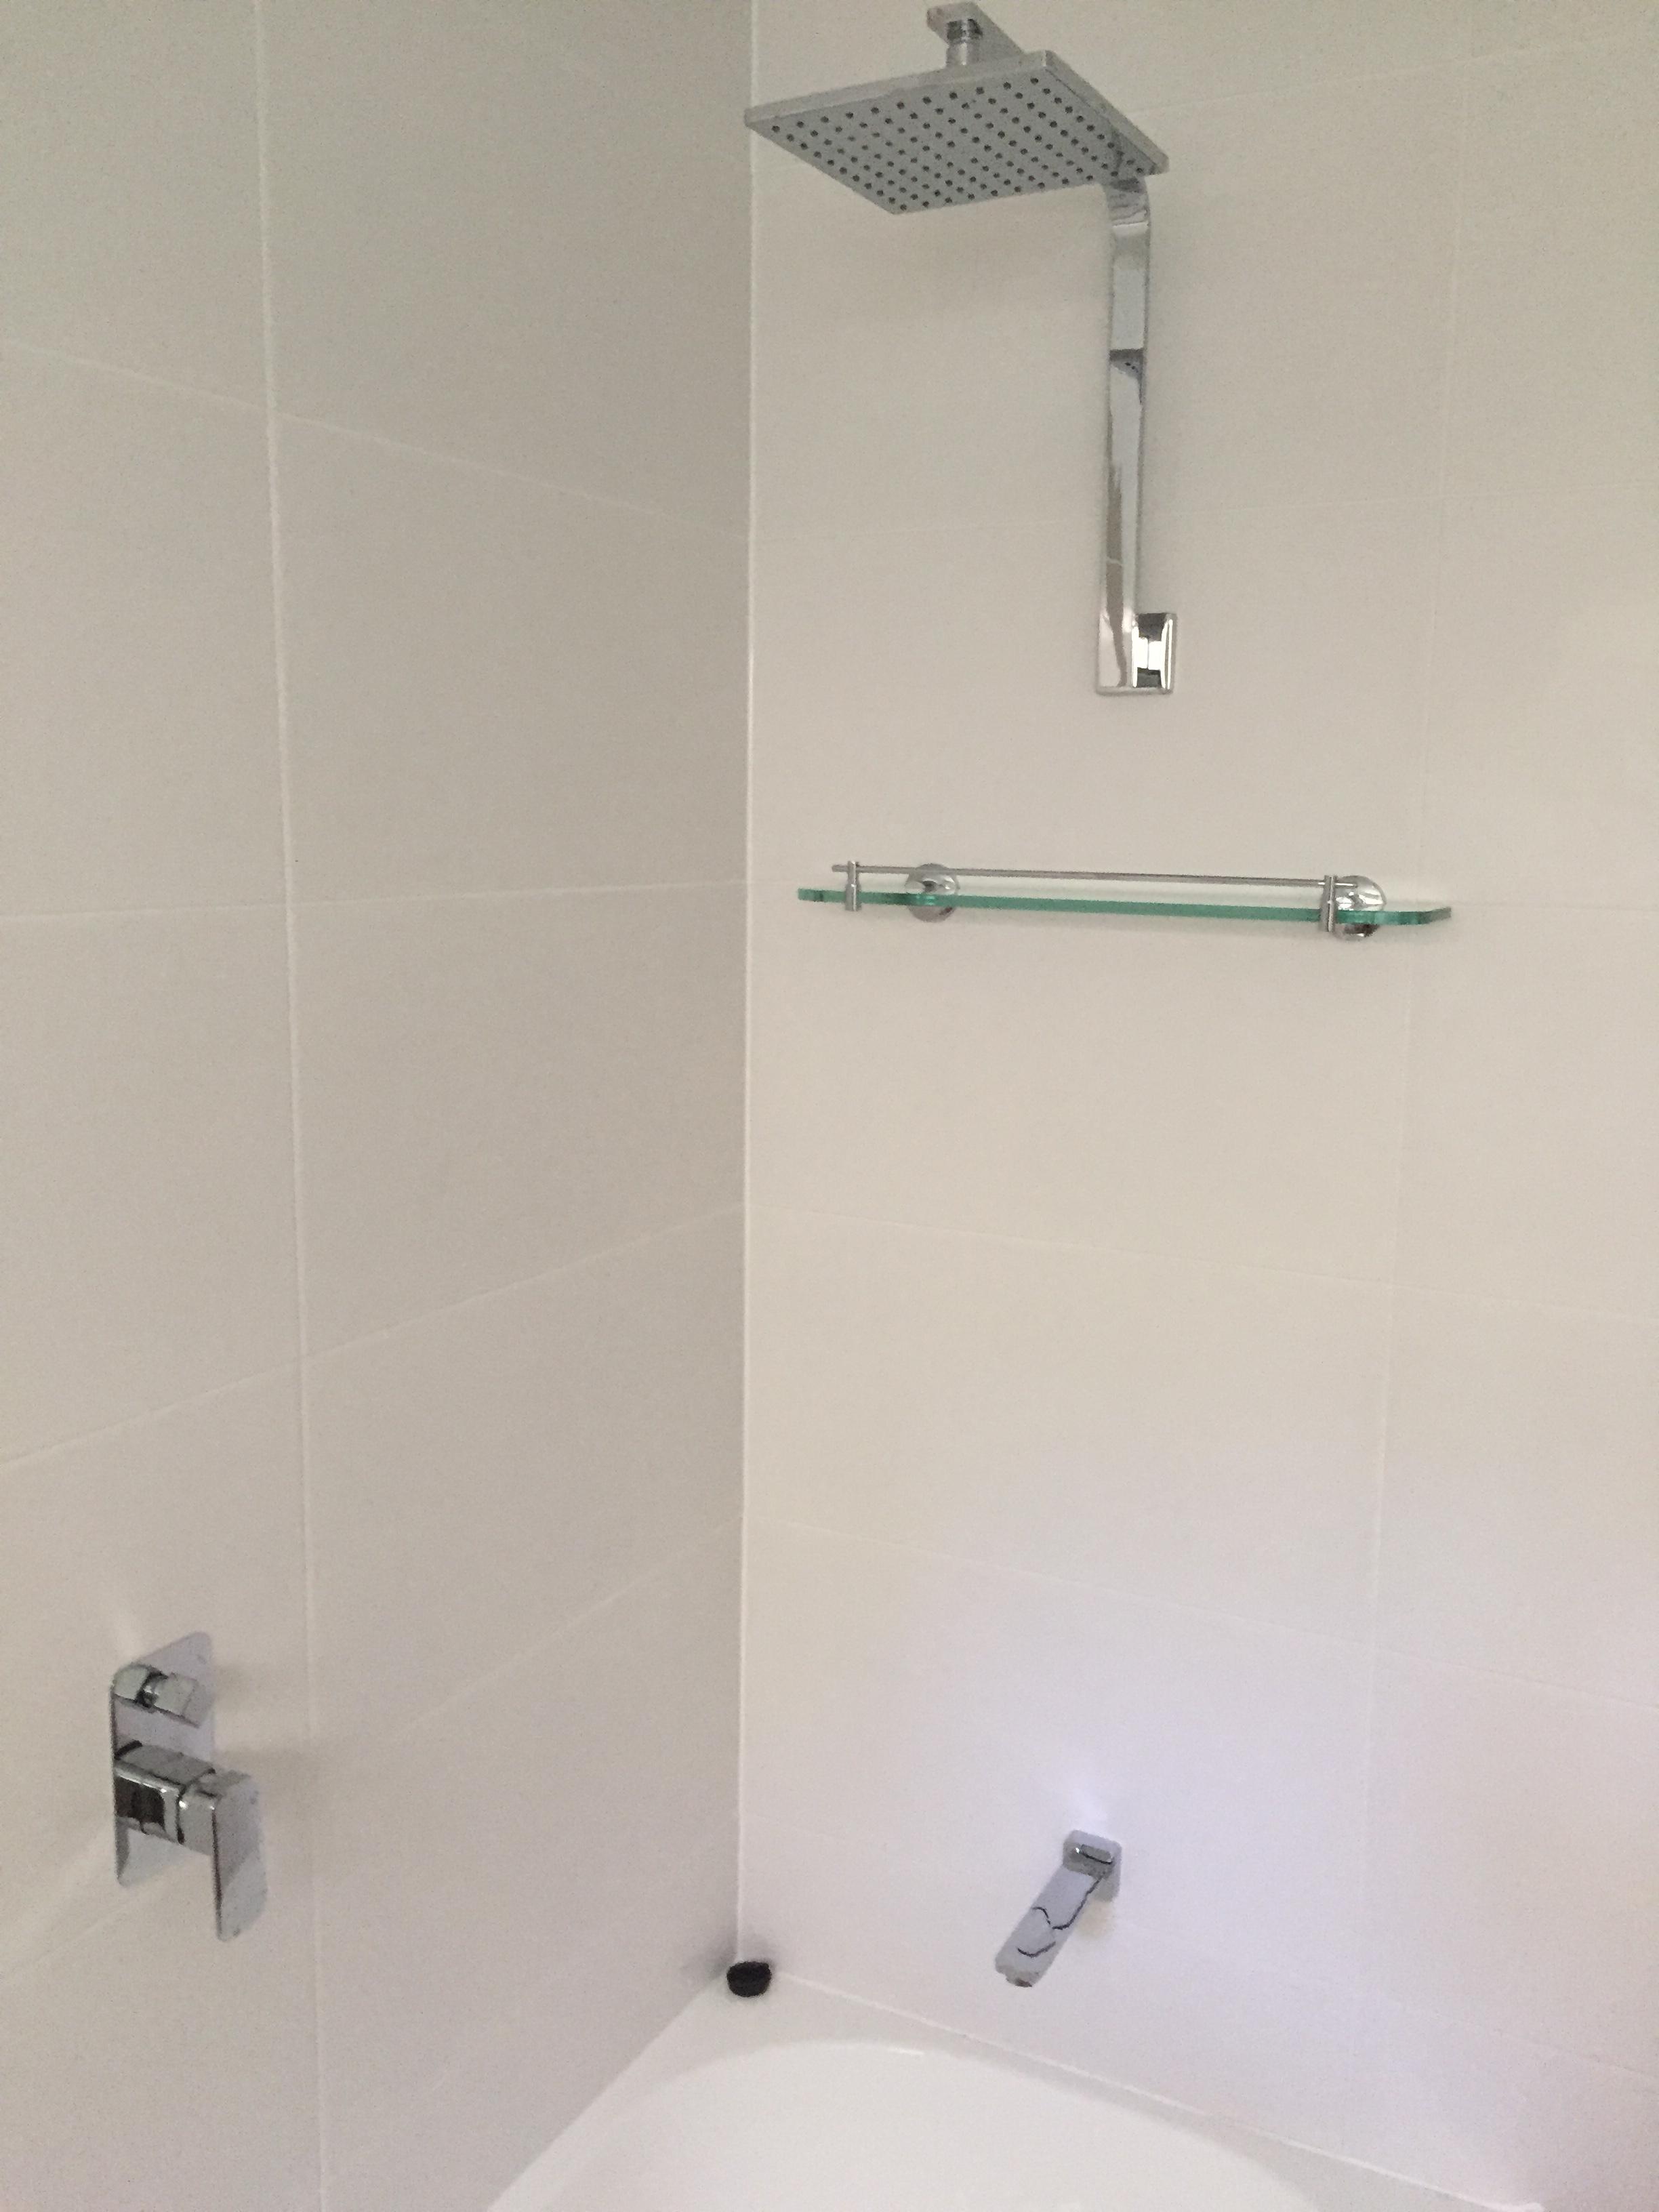 new fixtures in bathroom